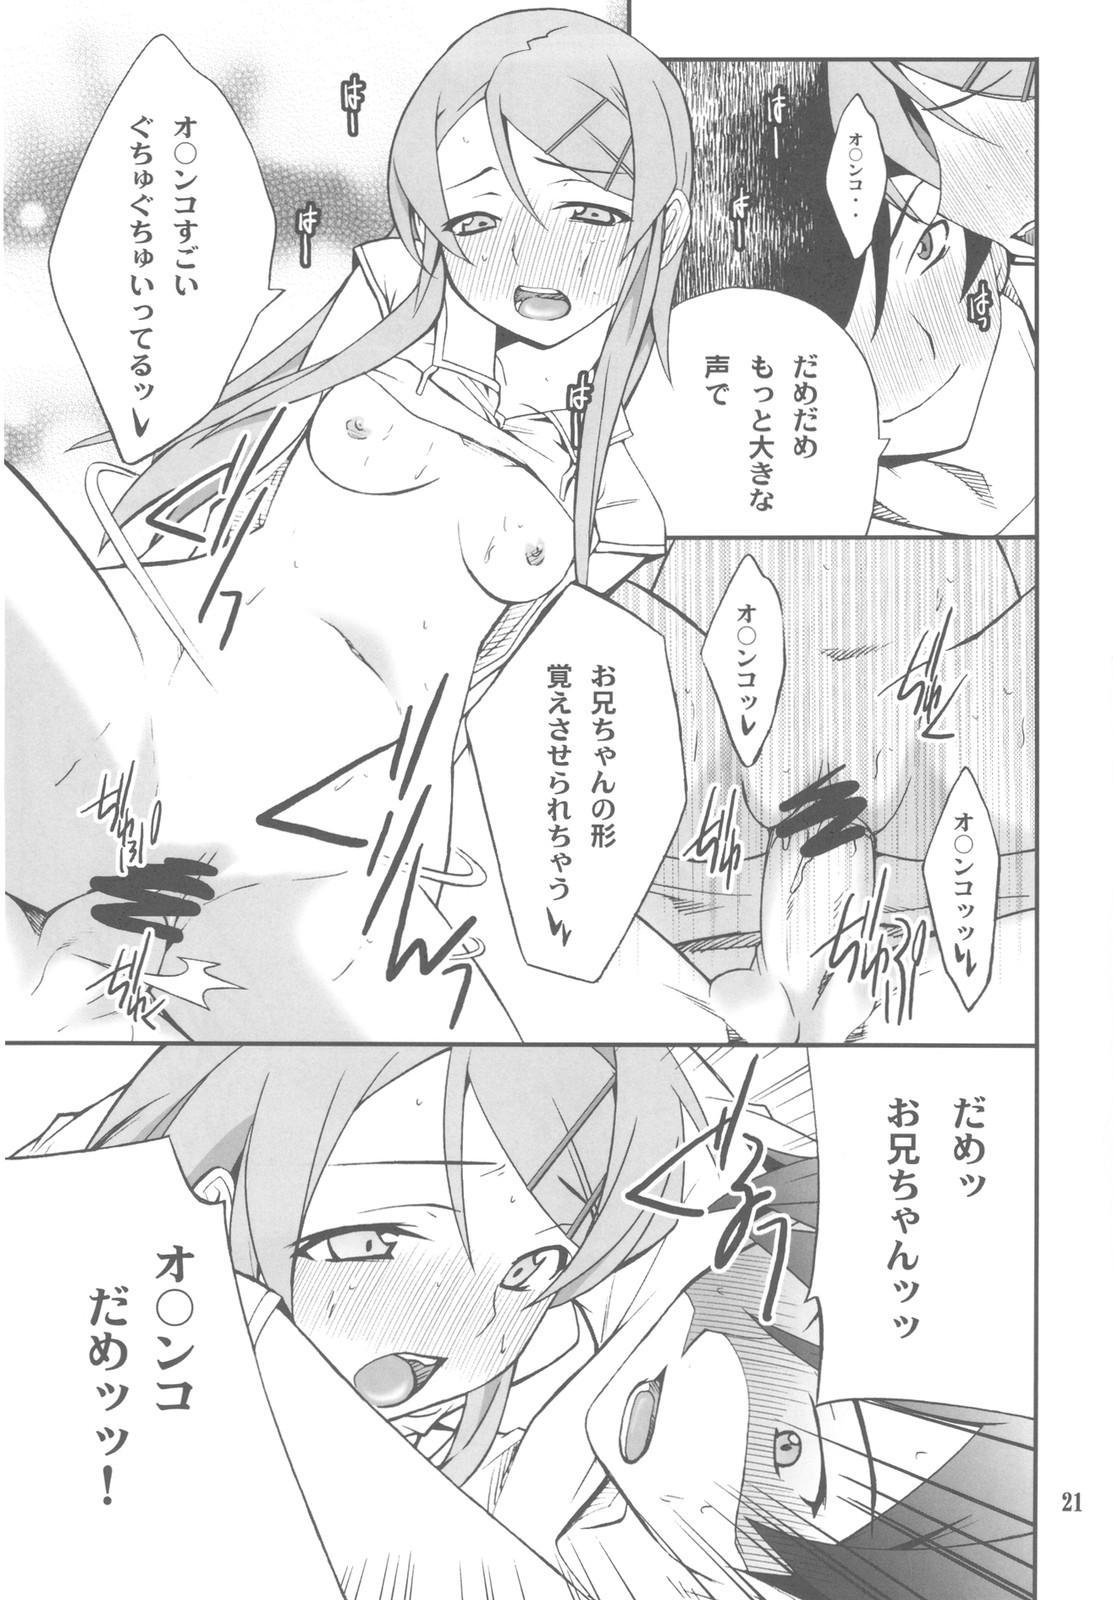 Ore x Imouto Kouryaku Daisakusen!! 02 + Omake Hon 20